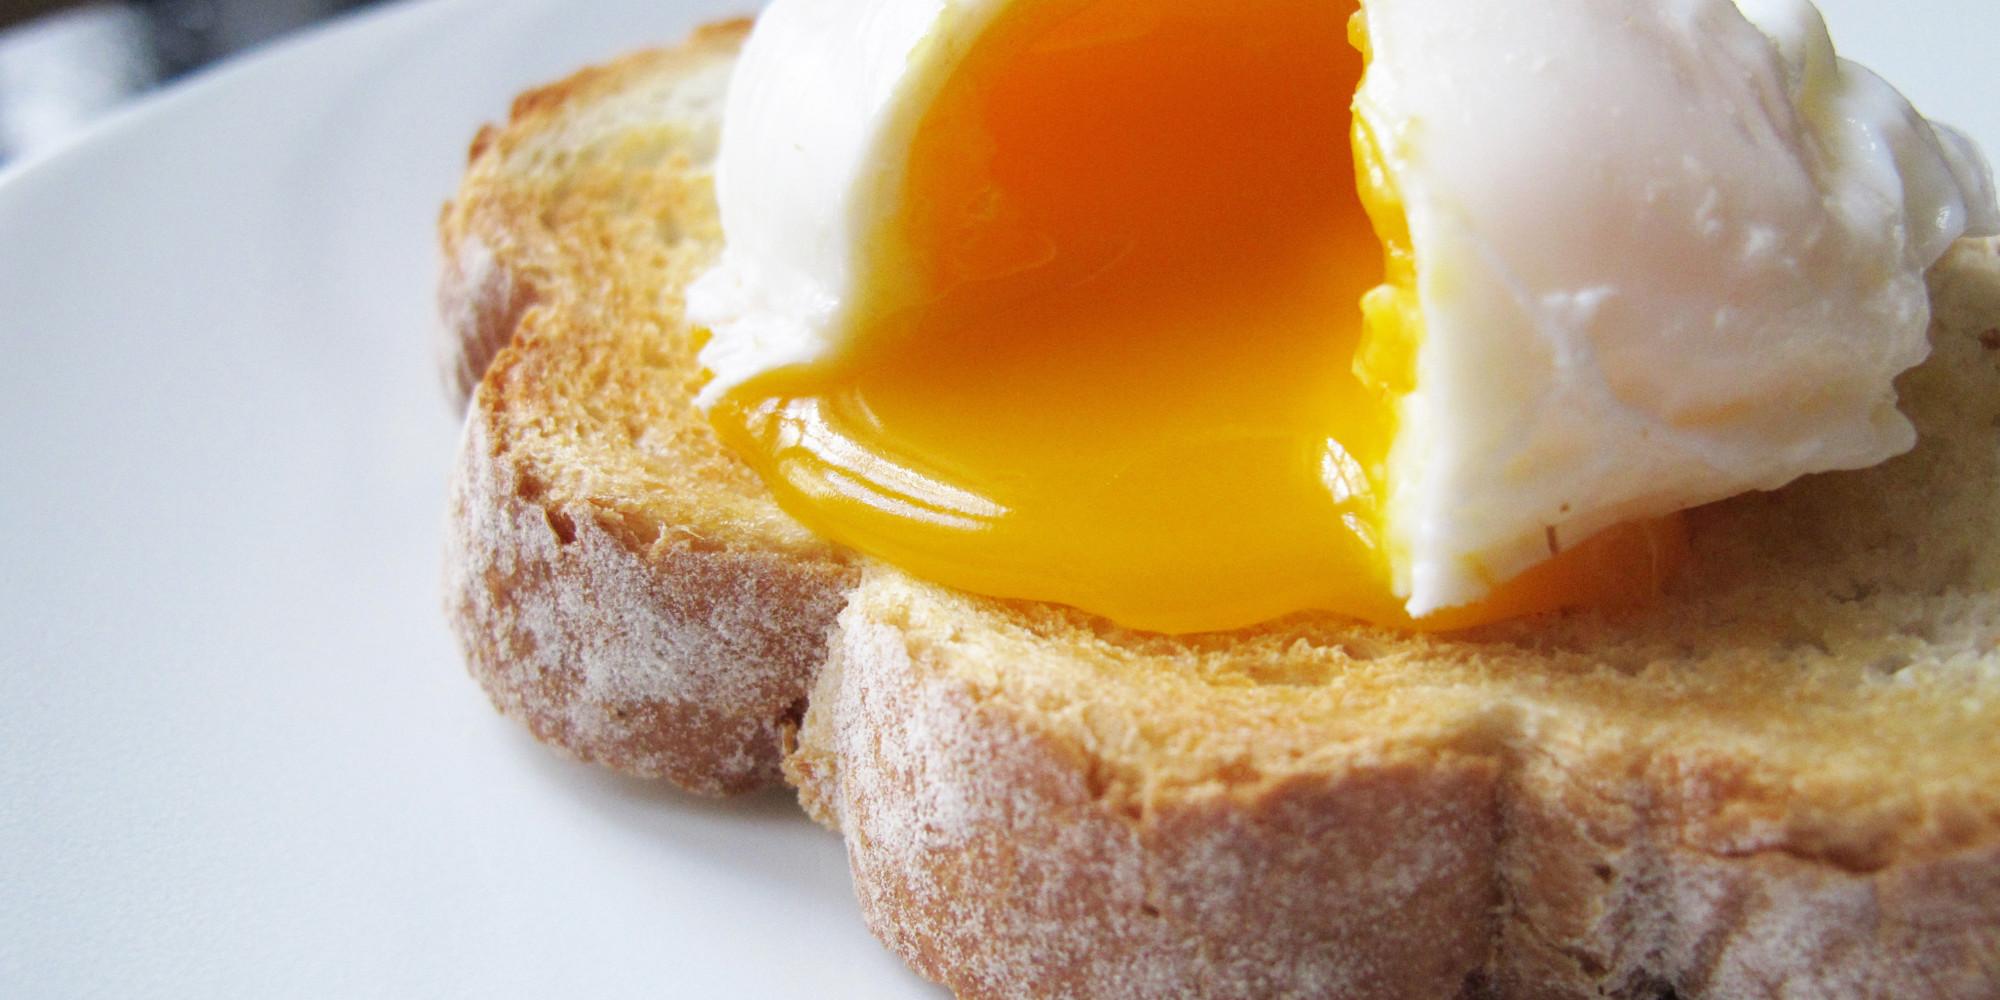 poach egg machine